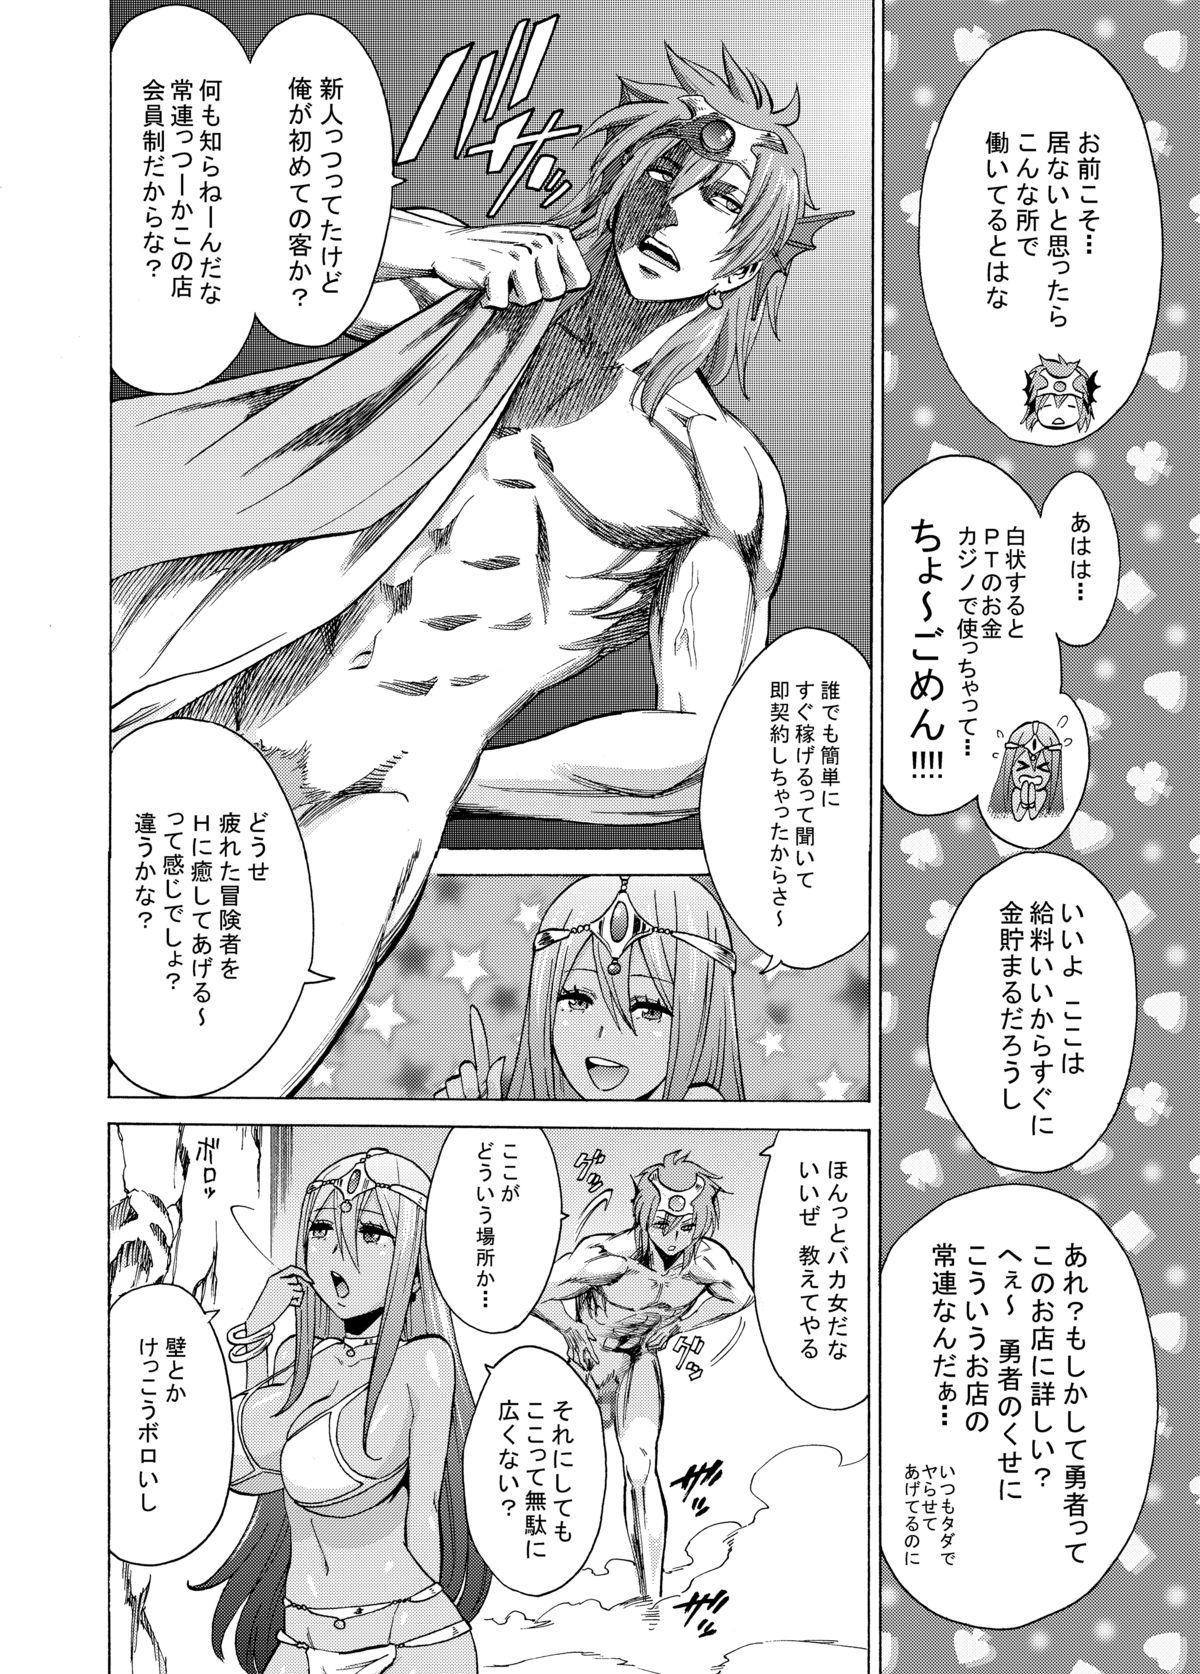 Zettai ni Zenmetsushite wa Ikenai DraQue 22